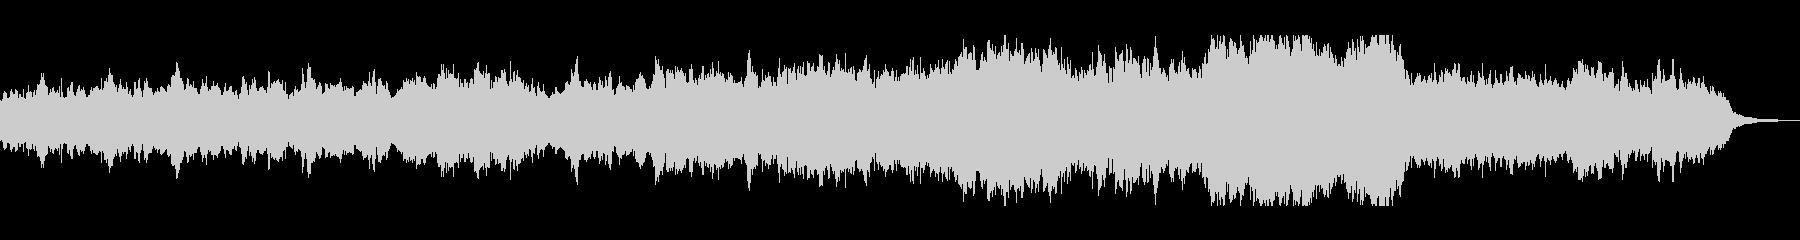 ハープとオーケストラのヒーリングの未再生の波形